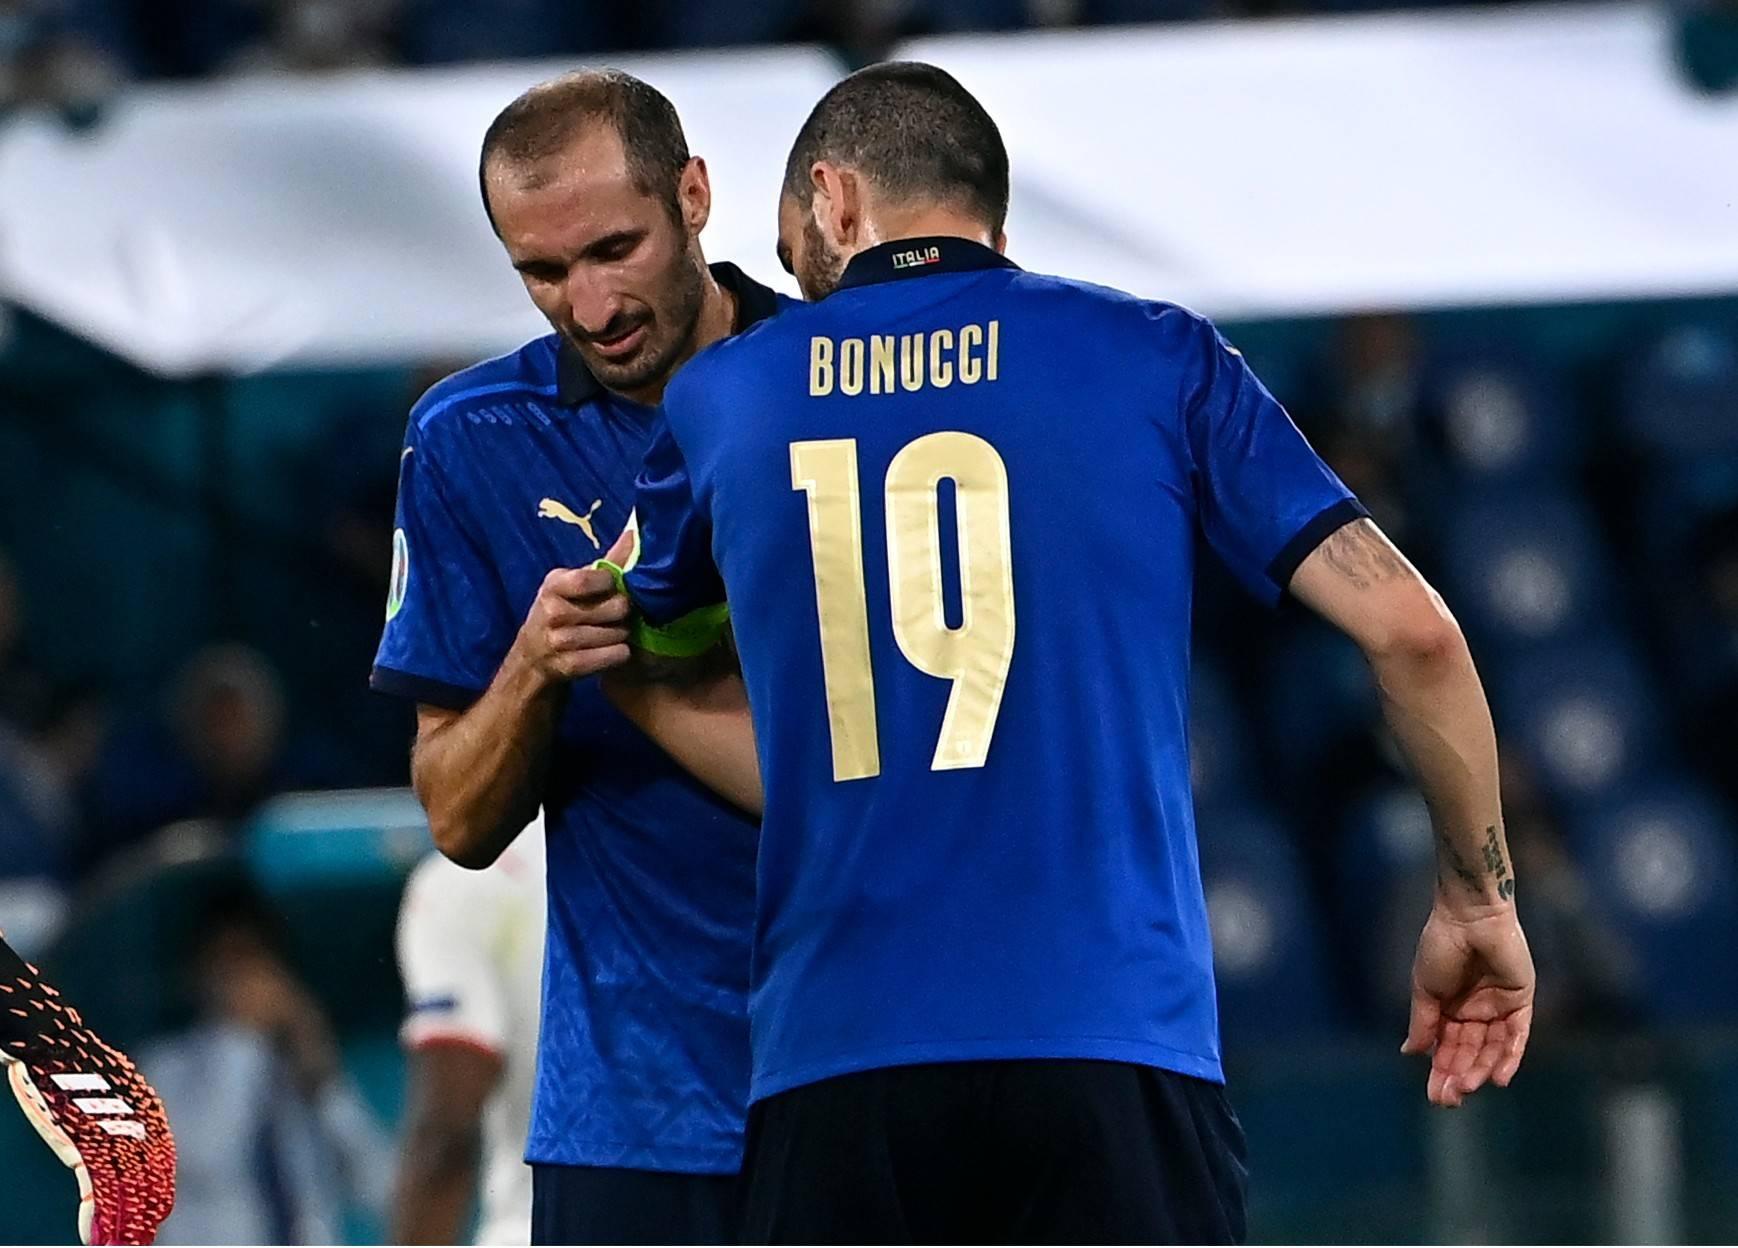 曼奇尼博努奇和基耶利尼是世界级的后卫组合